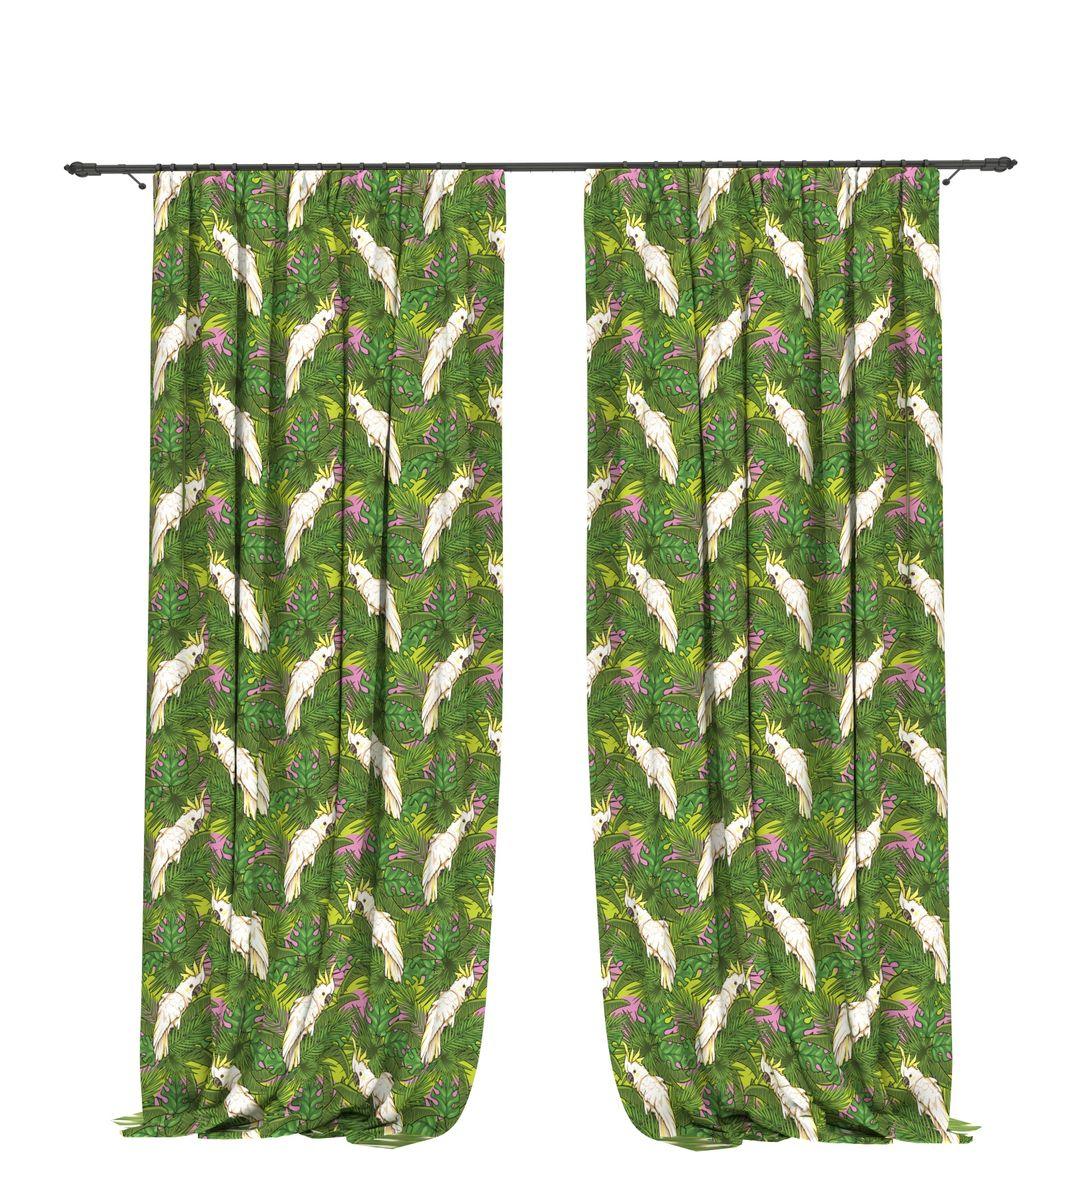 Комплект фотоштор Bellino Home Какаду, высота 260 см. 05491-ФШ-ГБ-00105491-ФШ-ГБ-001Комплект фотоштор BELLINO HOME, коллекция Тропики. Рожденный вдоль экватора тропический стиль смешивает множество культур и традиций в единое целое. Эта коллекция подобно котлу, в котором варятся туземные материалы, элегантная простота, экзотические мотивы и море солнечного света. Будто бы вечные каникулы: здесь замедляется время и замирает суета мегаполиса. Богатое разнообразие флоры и фауны способно преобразить атмосферу любого интерьера. Крепление на карниз при помощи шторной ленты на крючки. В комплекте: Портьера: 2 шт. Размер (ШхВ): 145 см х 260 см. Рекомендации по уходу: стирка при 30 градусах гладить при температуре до 150 градусов Изображение на мониторе может немного отличаться от реального.